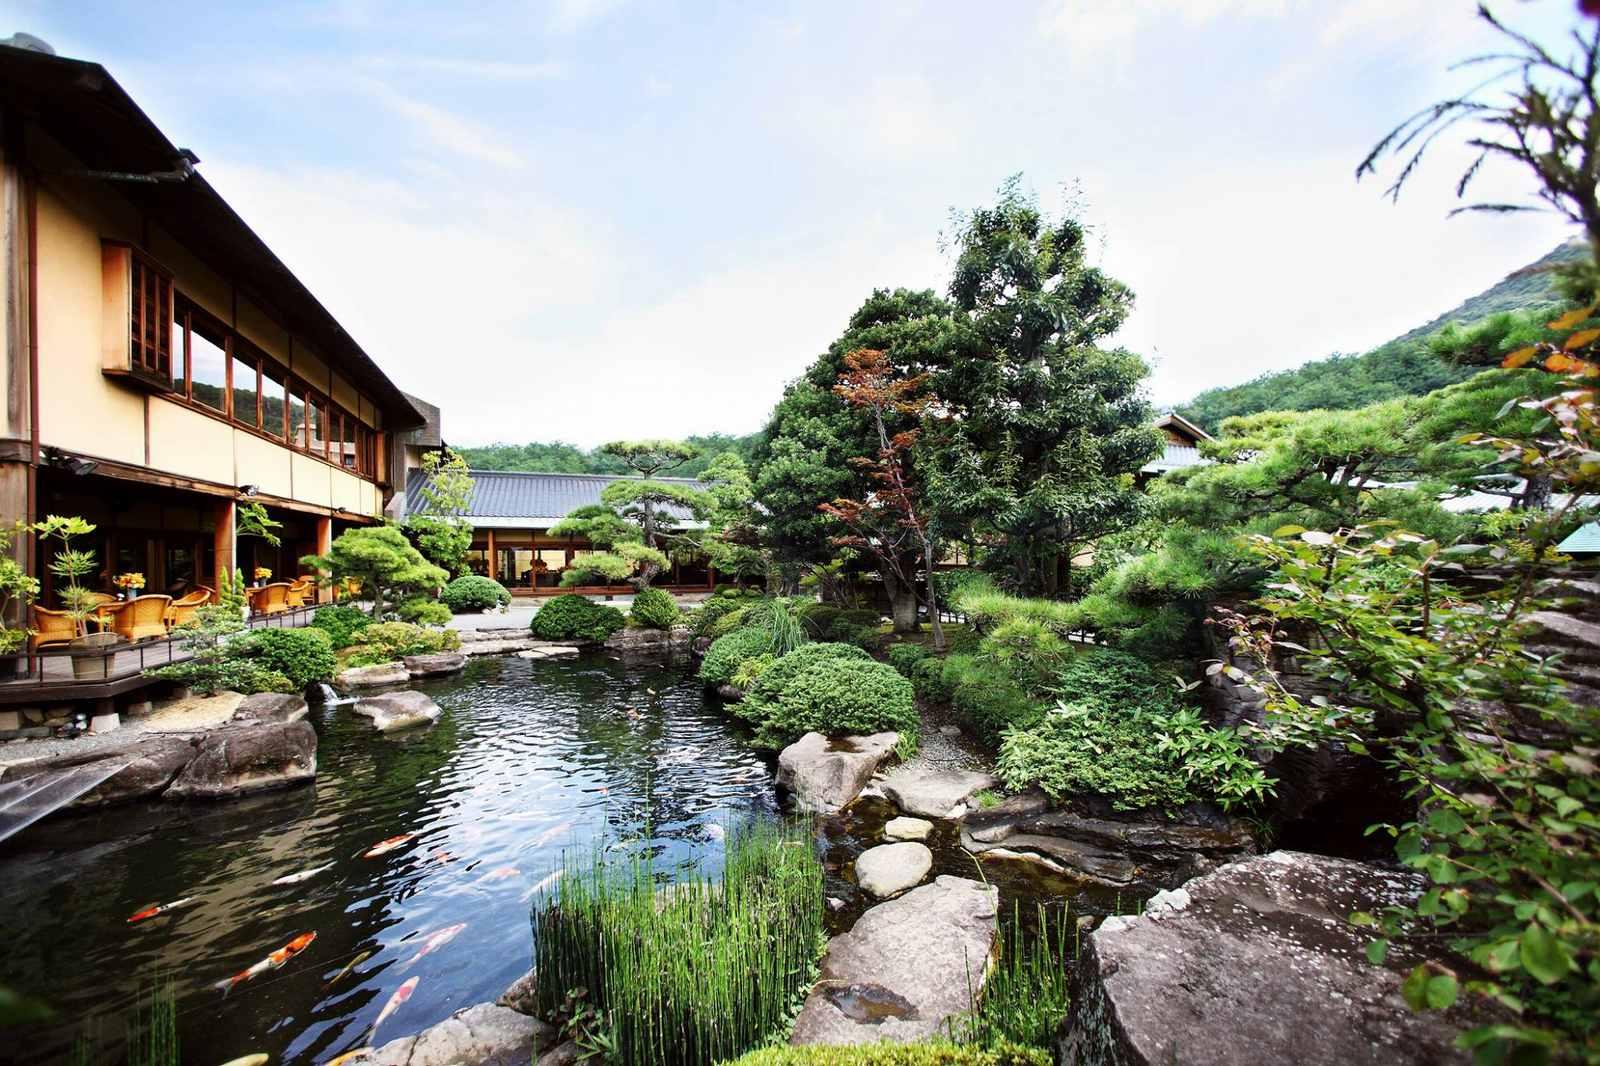 弓絃葉の日本庭園